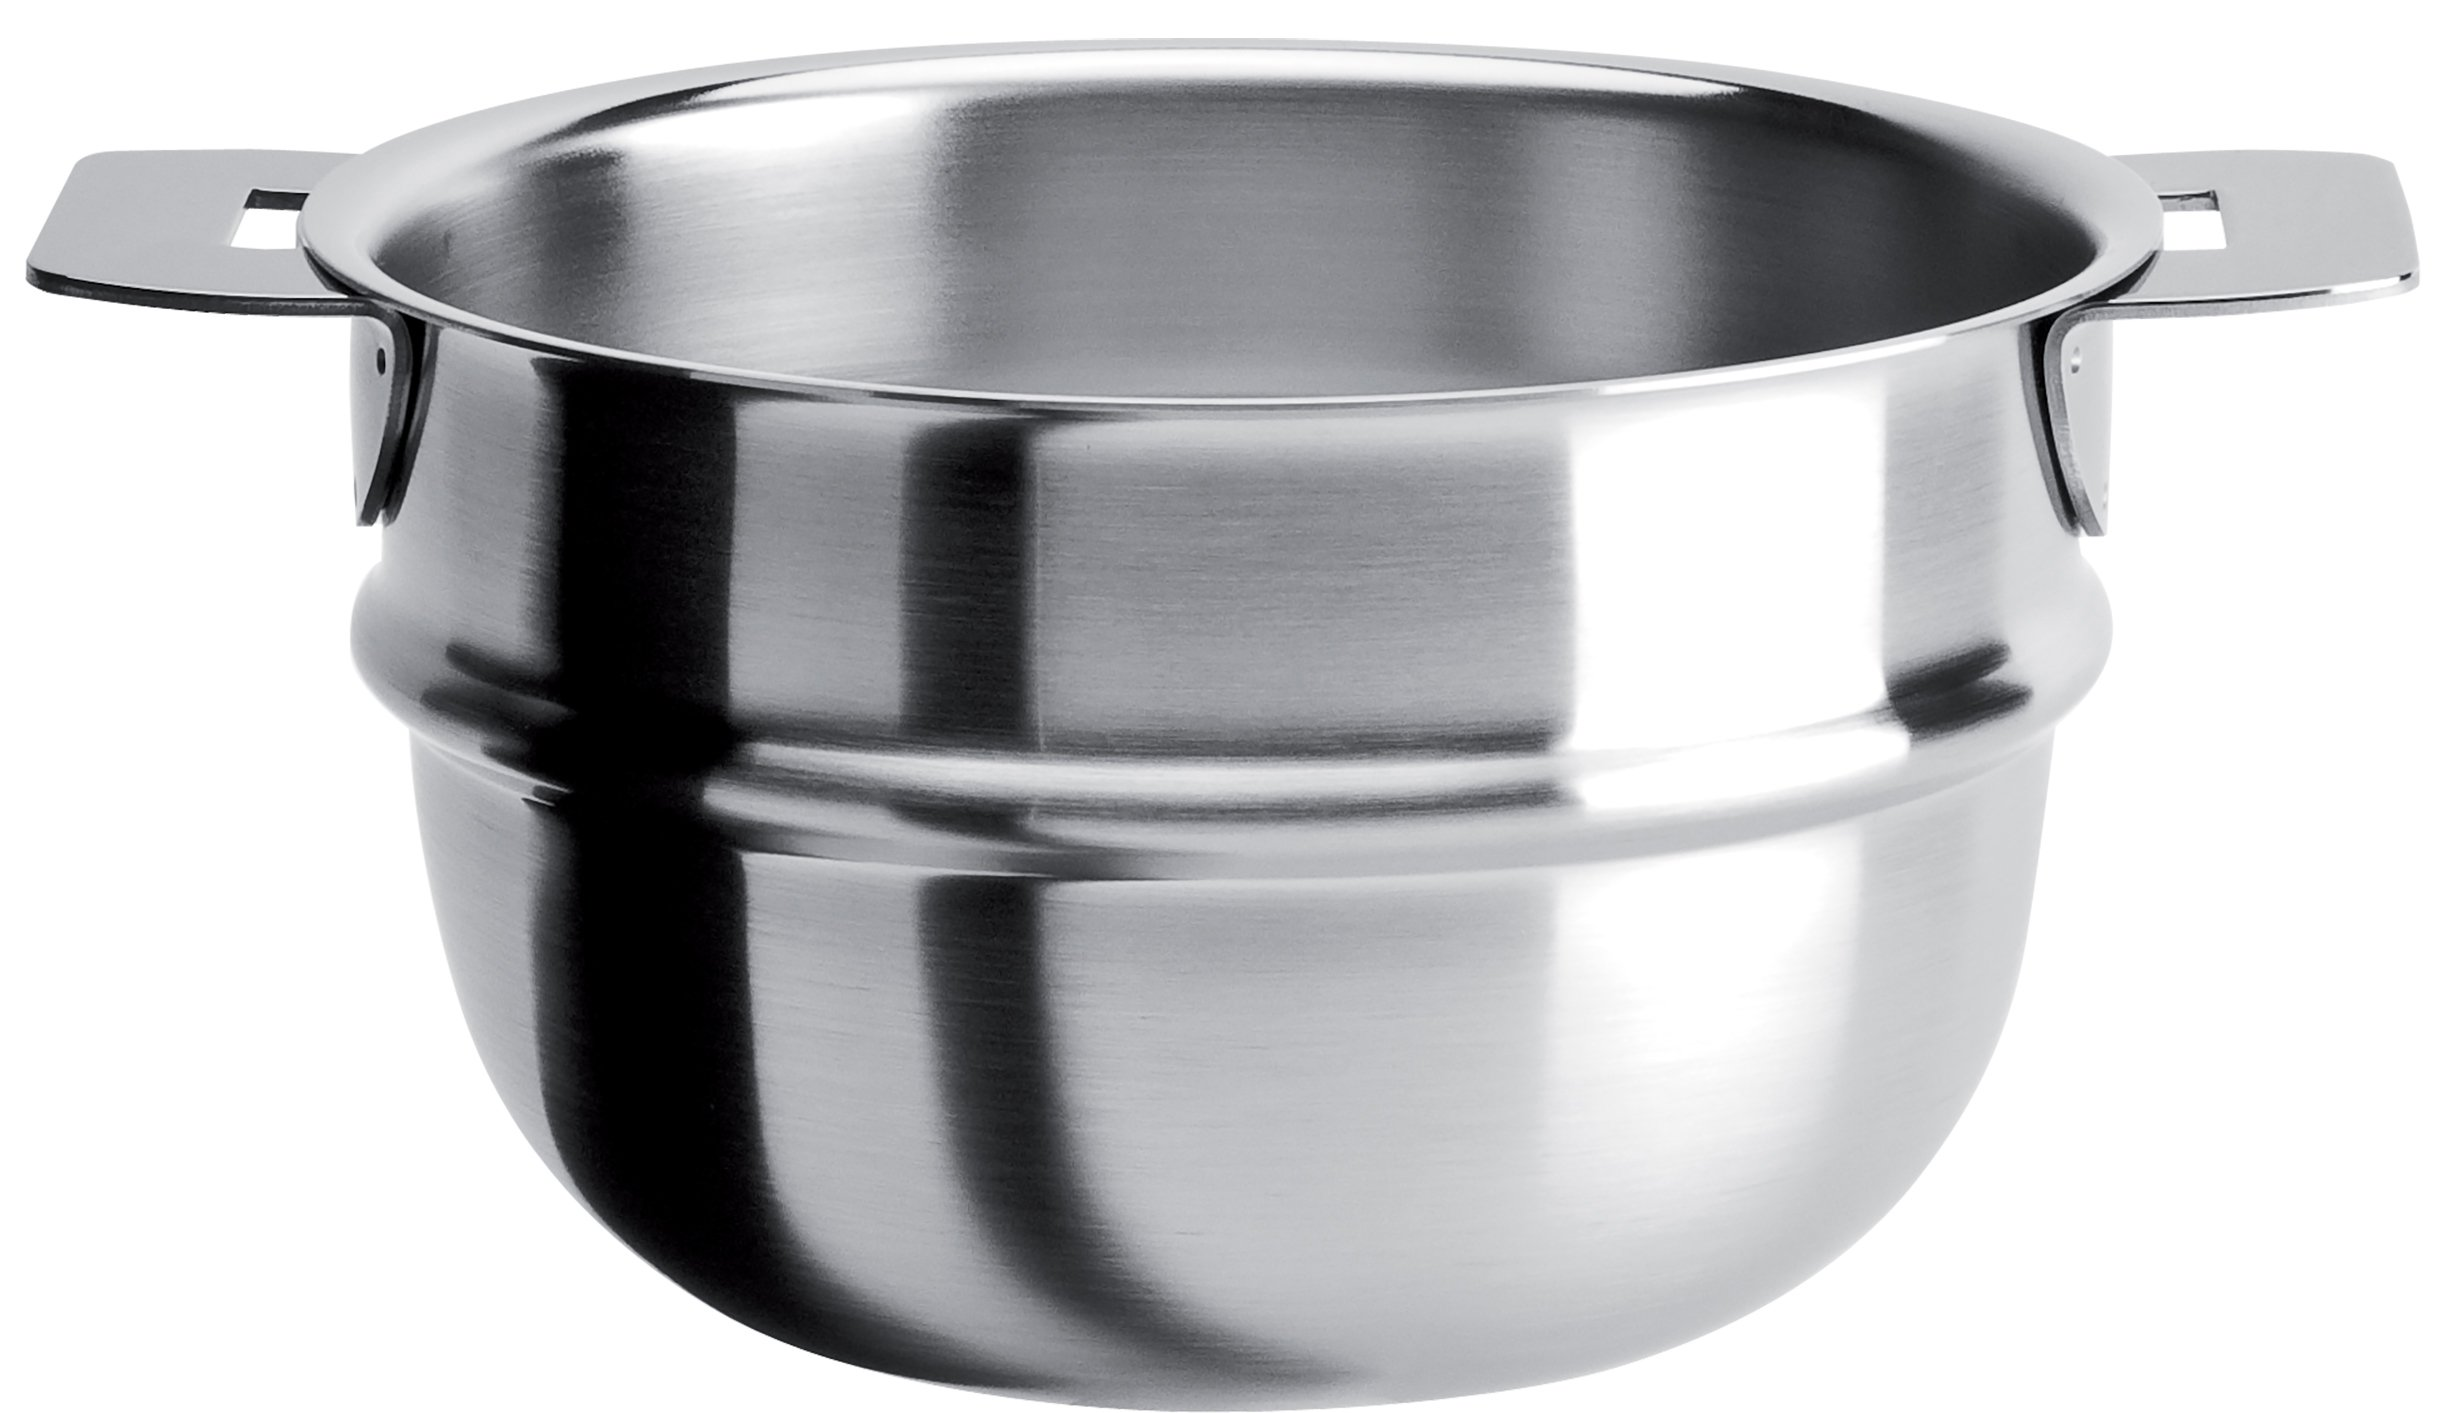 Cristel Strate EBM20QL Bain Marie, 3 quart, Silver